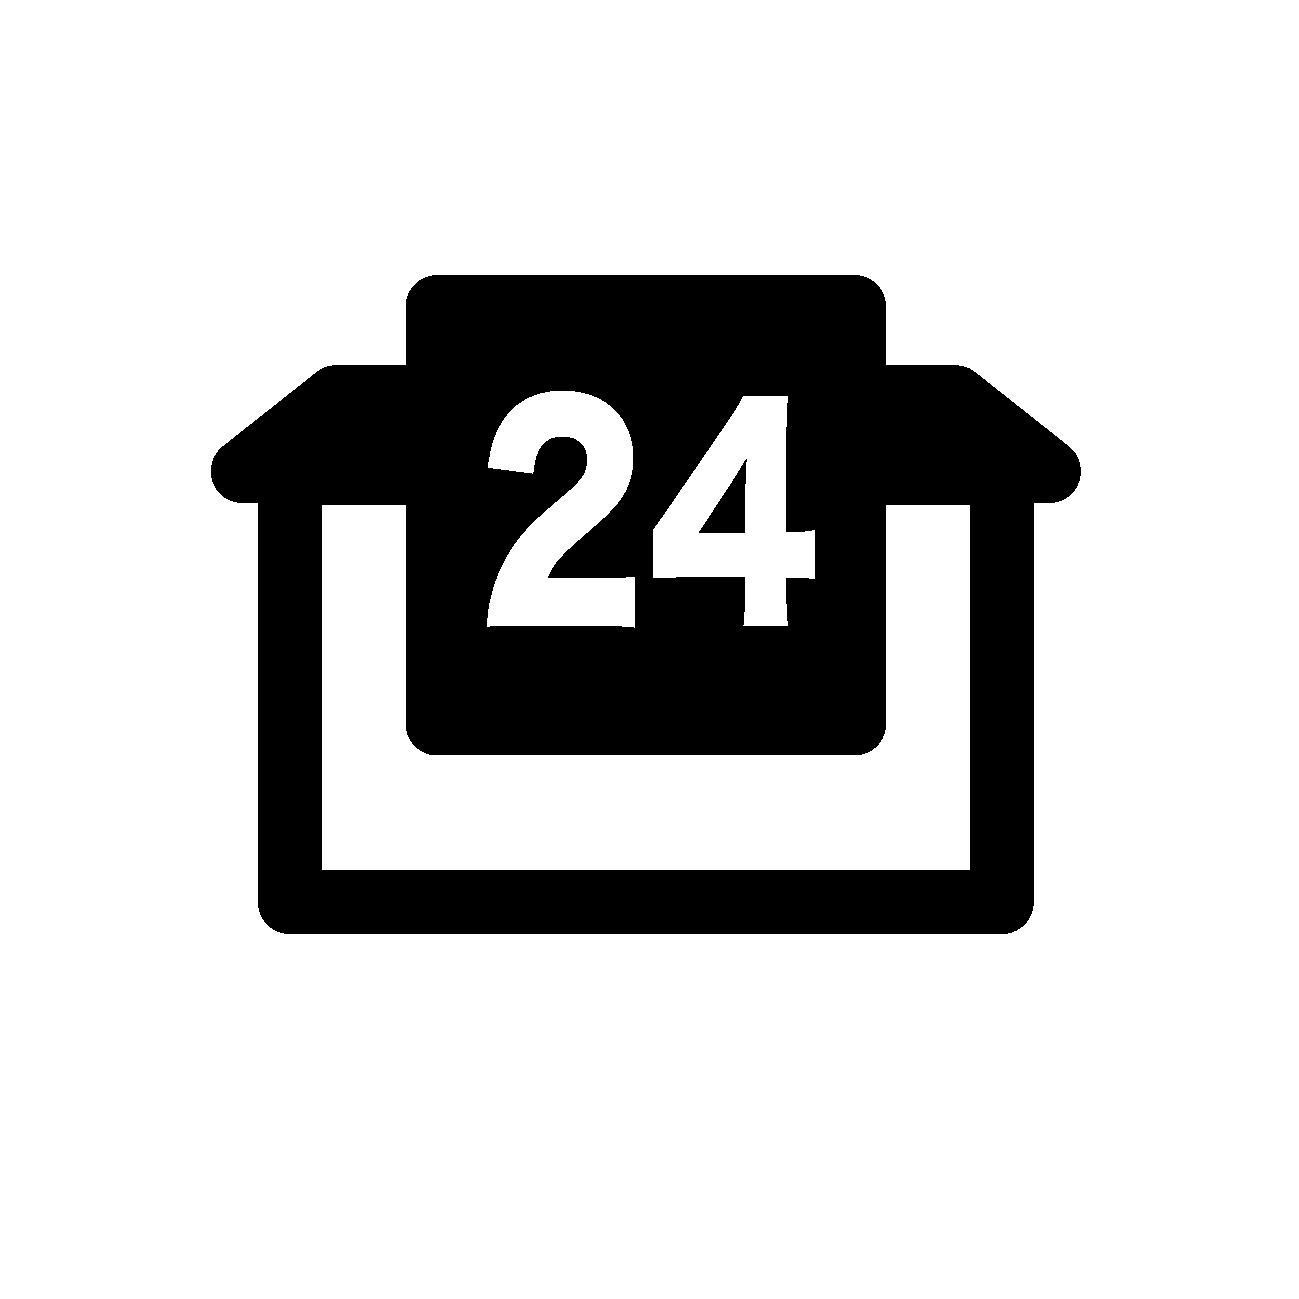 日薬会長会:分業バッシングに不満、24時間対応「補助金よこせ」